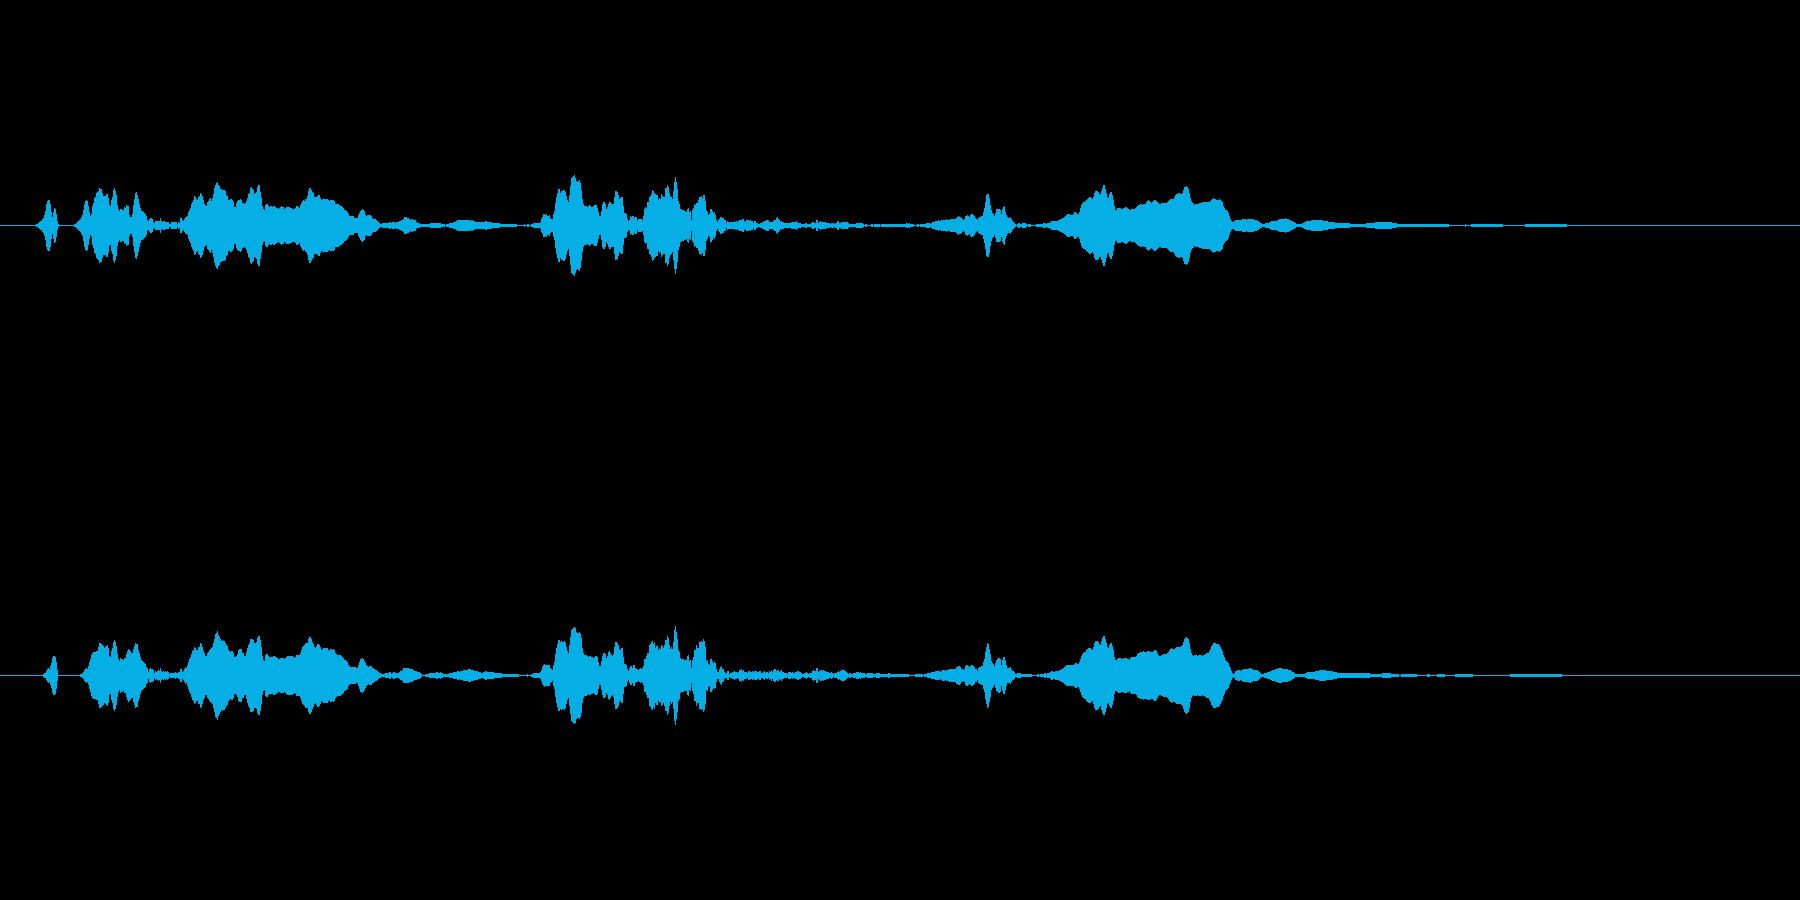 ピーピヨ♪大瑠璃、おおるりの鳴き声01 の再生済みの波形